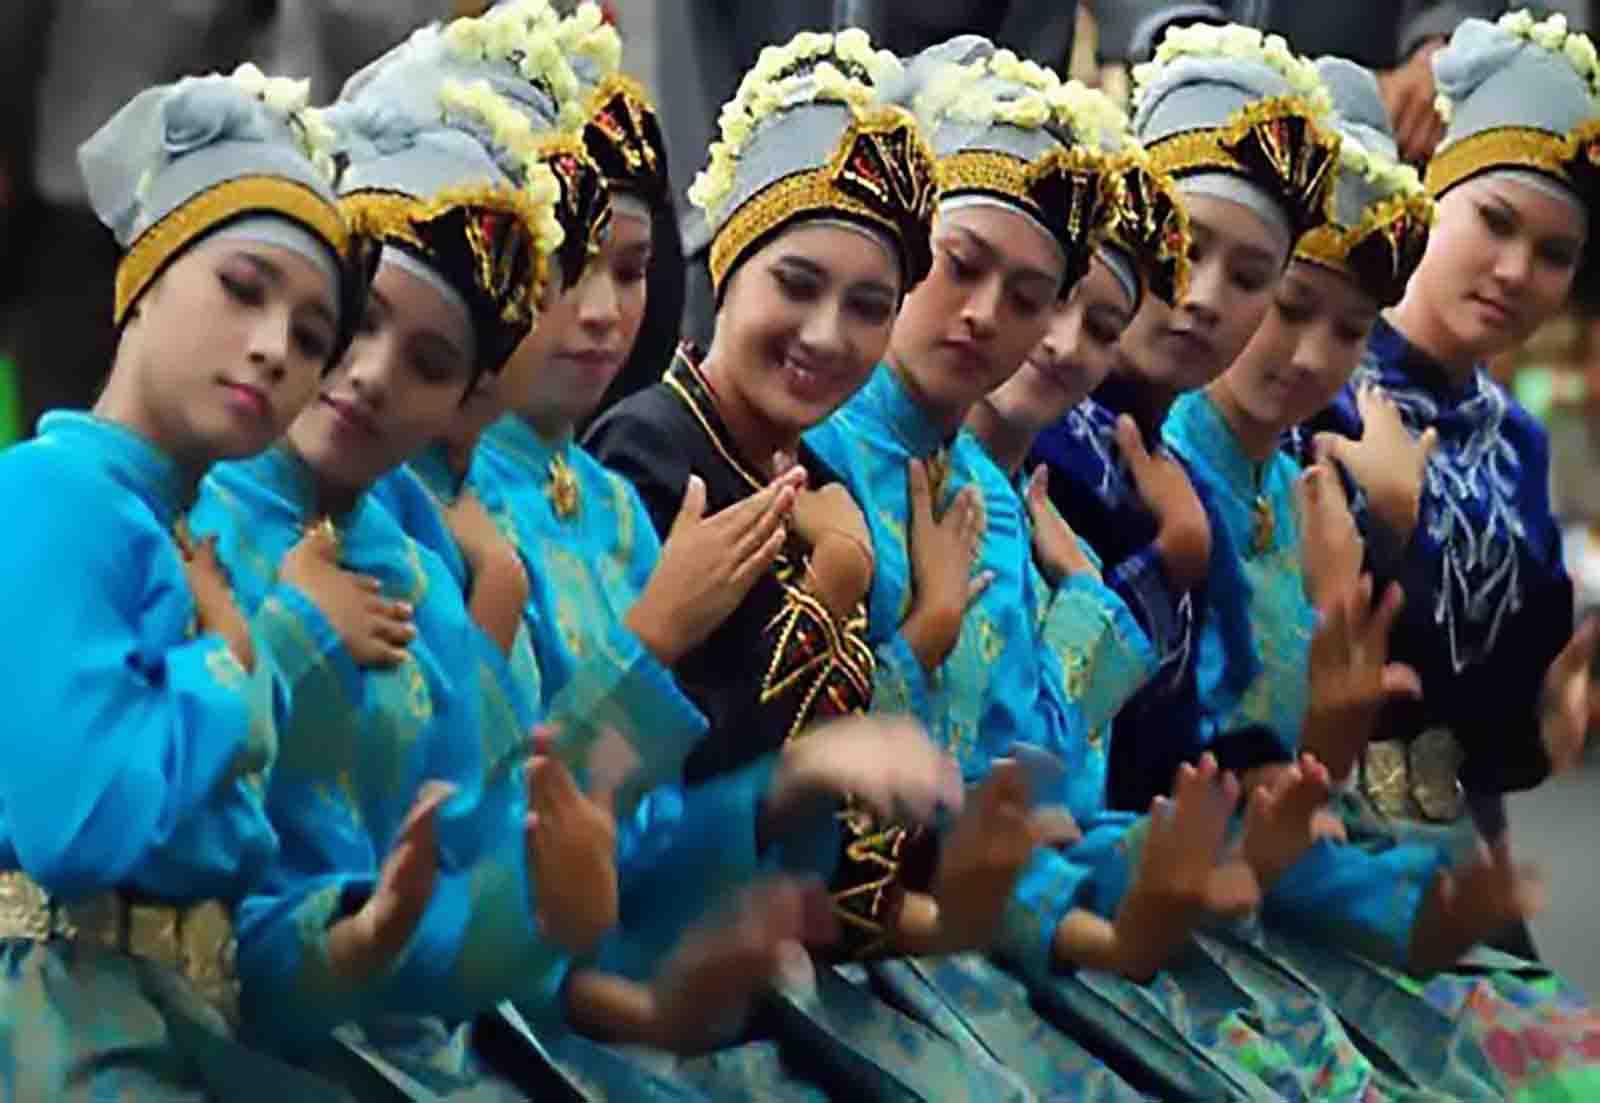 Tari Rateb Meuseukat, Tarian Tradisional Dari Aceh (Nanggroe Aceh Darussalam)